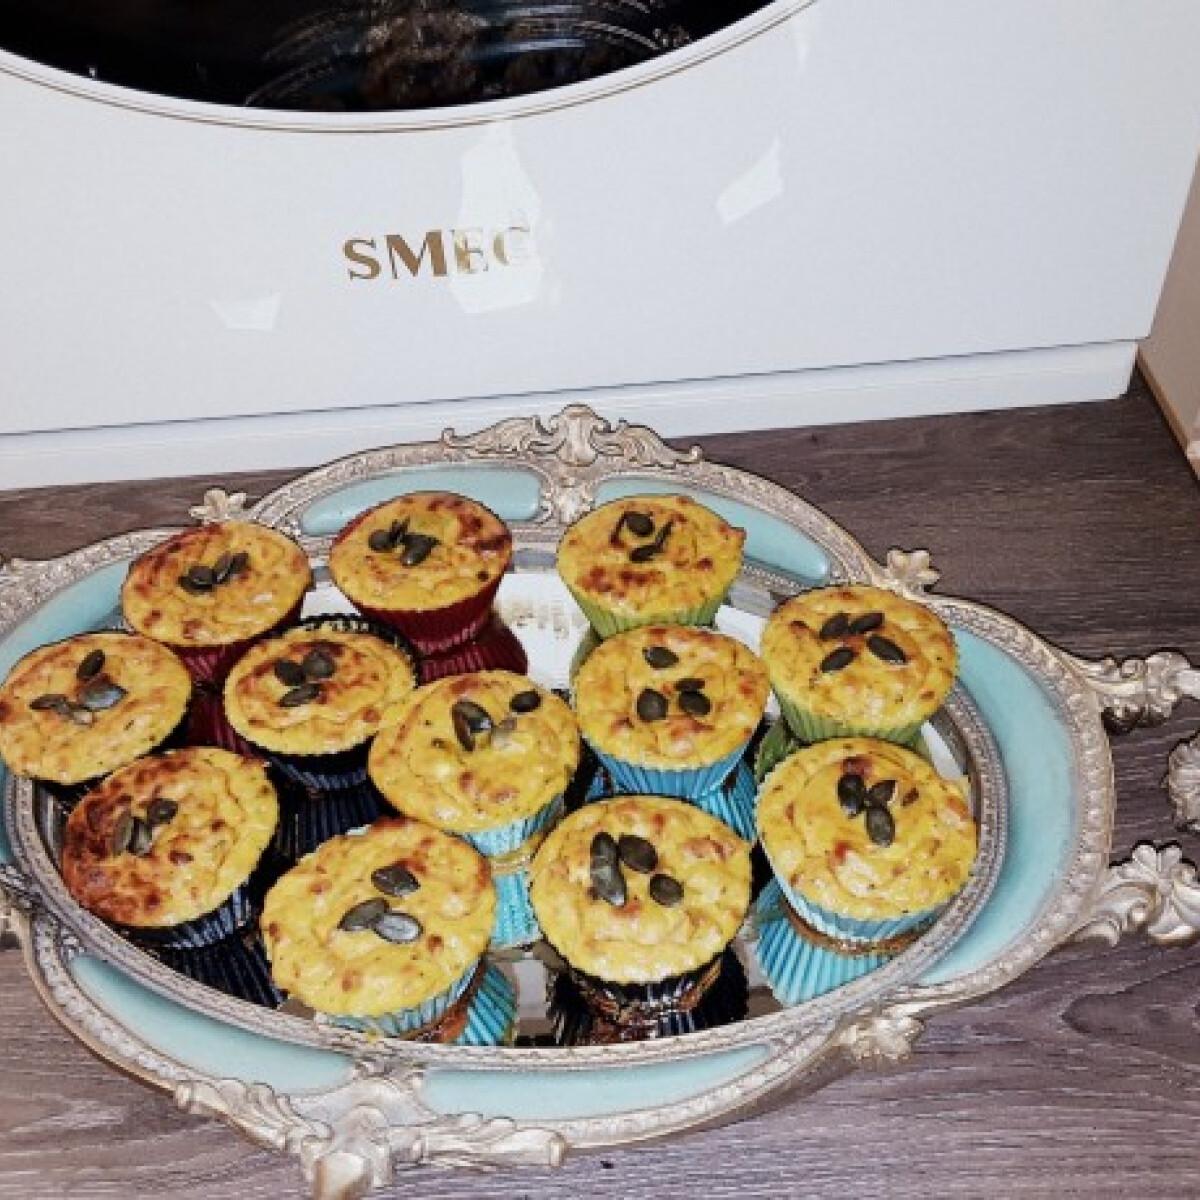 Ezen a képen: Őszi muffin sütőtökből